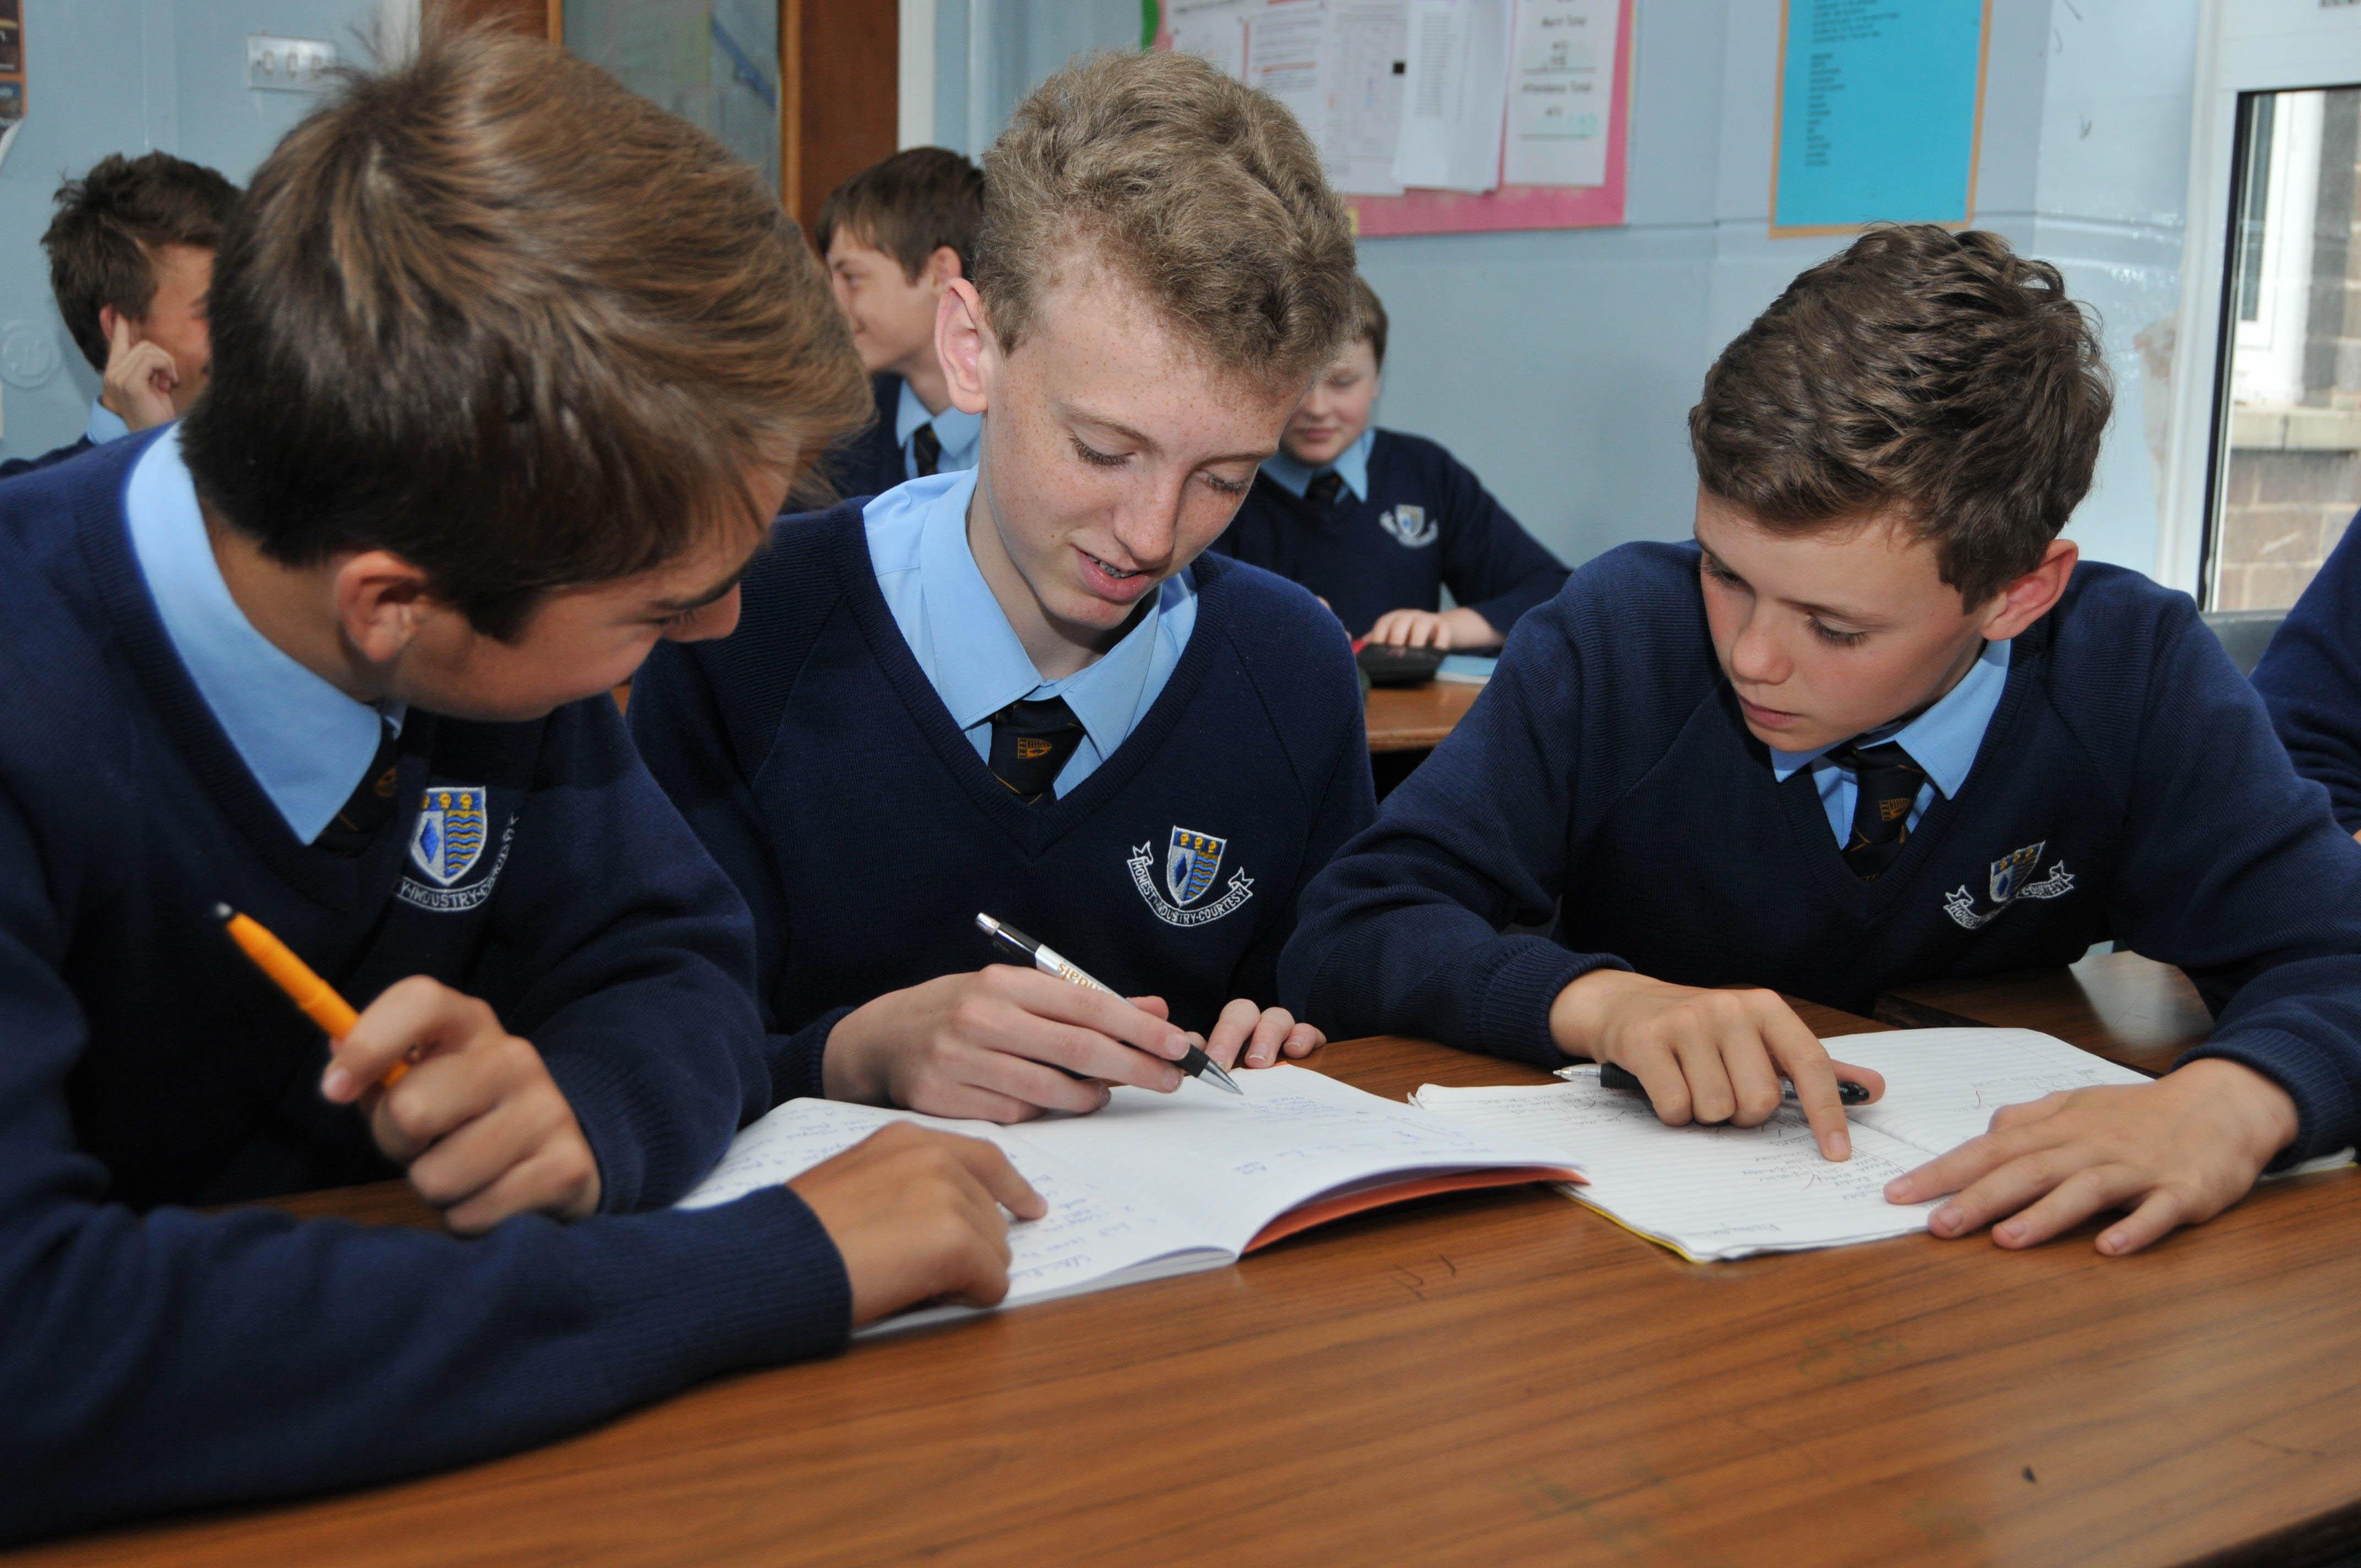 Weaverham High School Tes Jobs